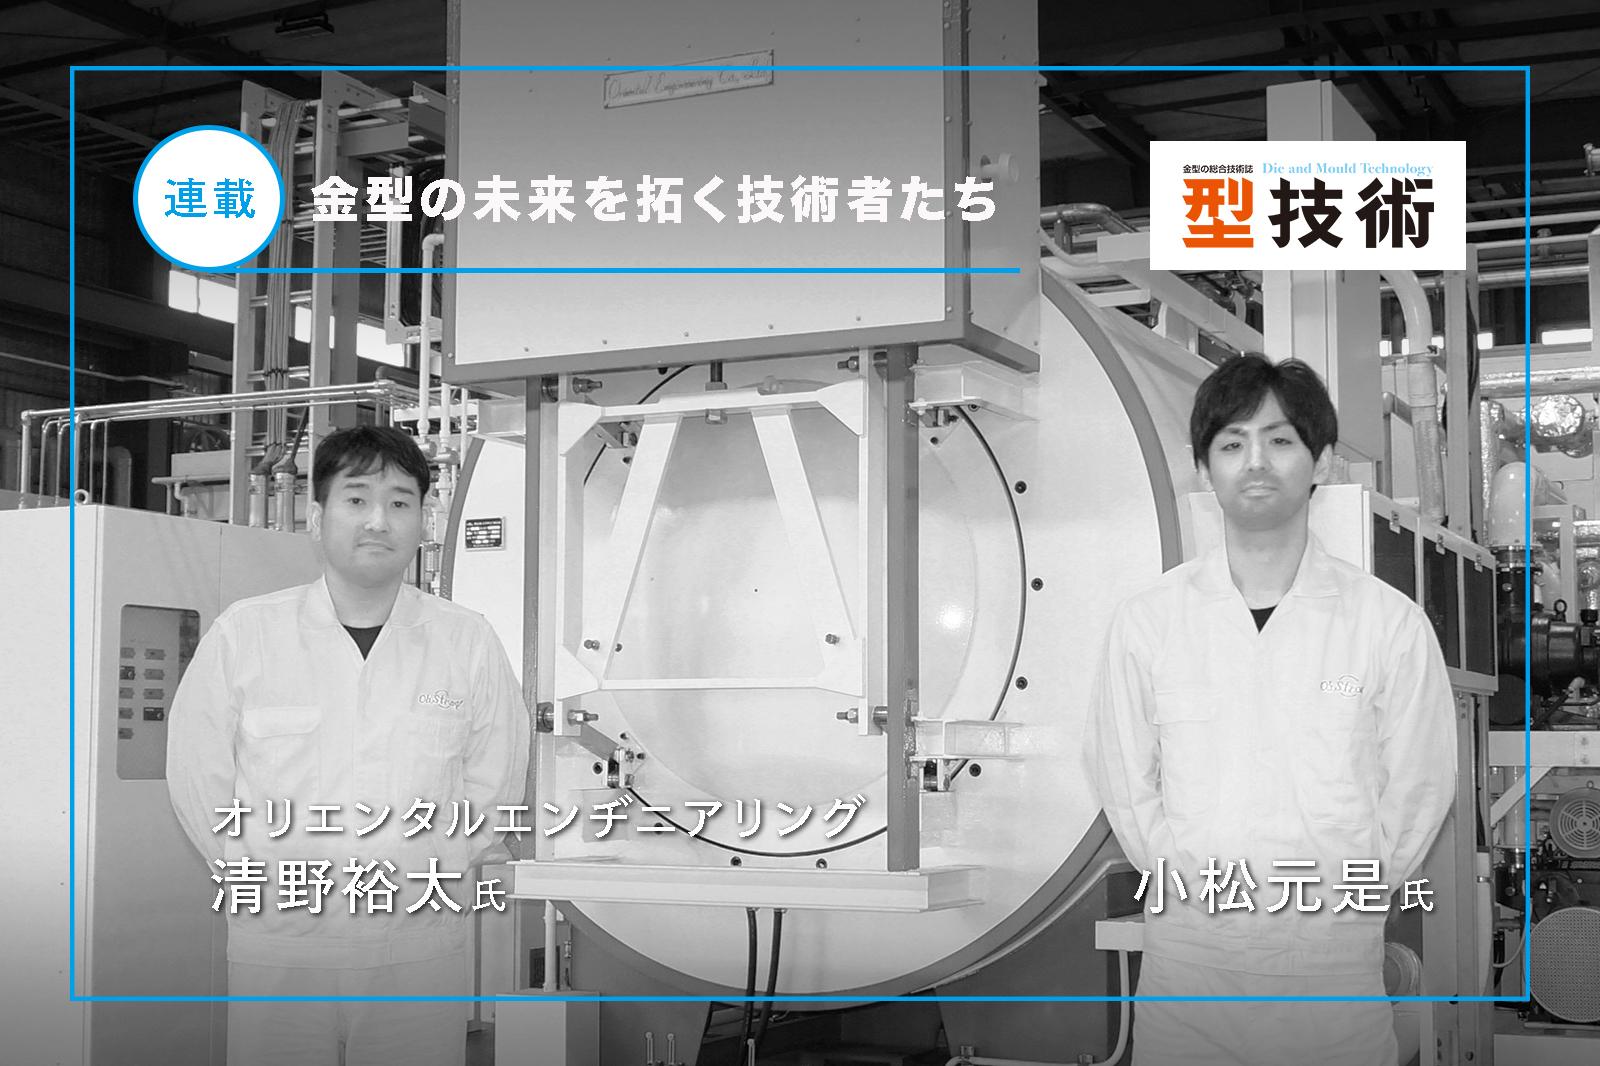 熱処理の技術革新はこうして進む。埼玉・川越の若きエンジニアたちの挑戦